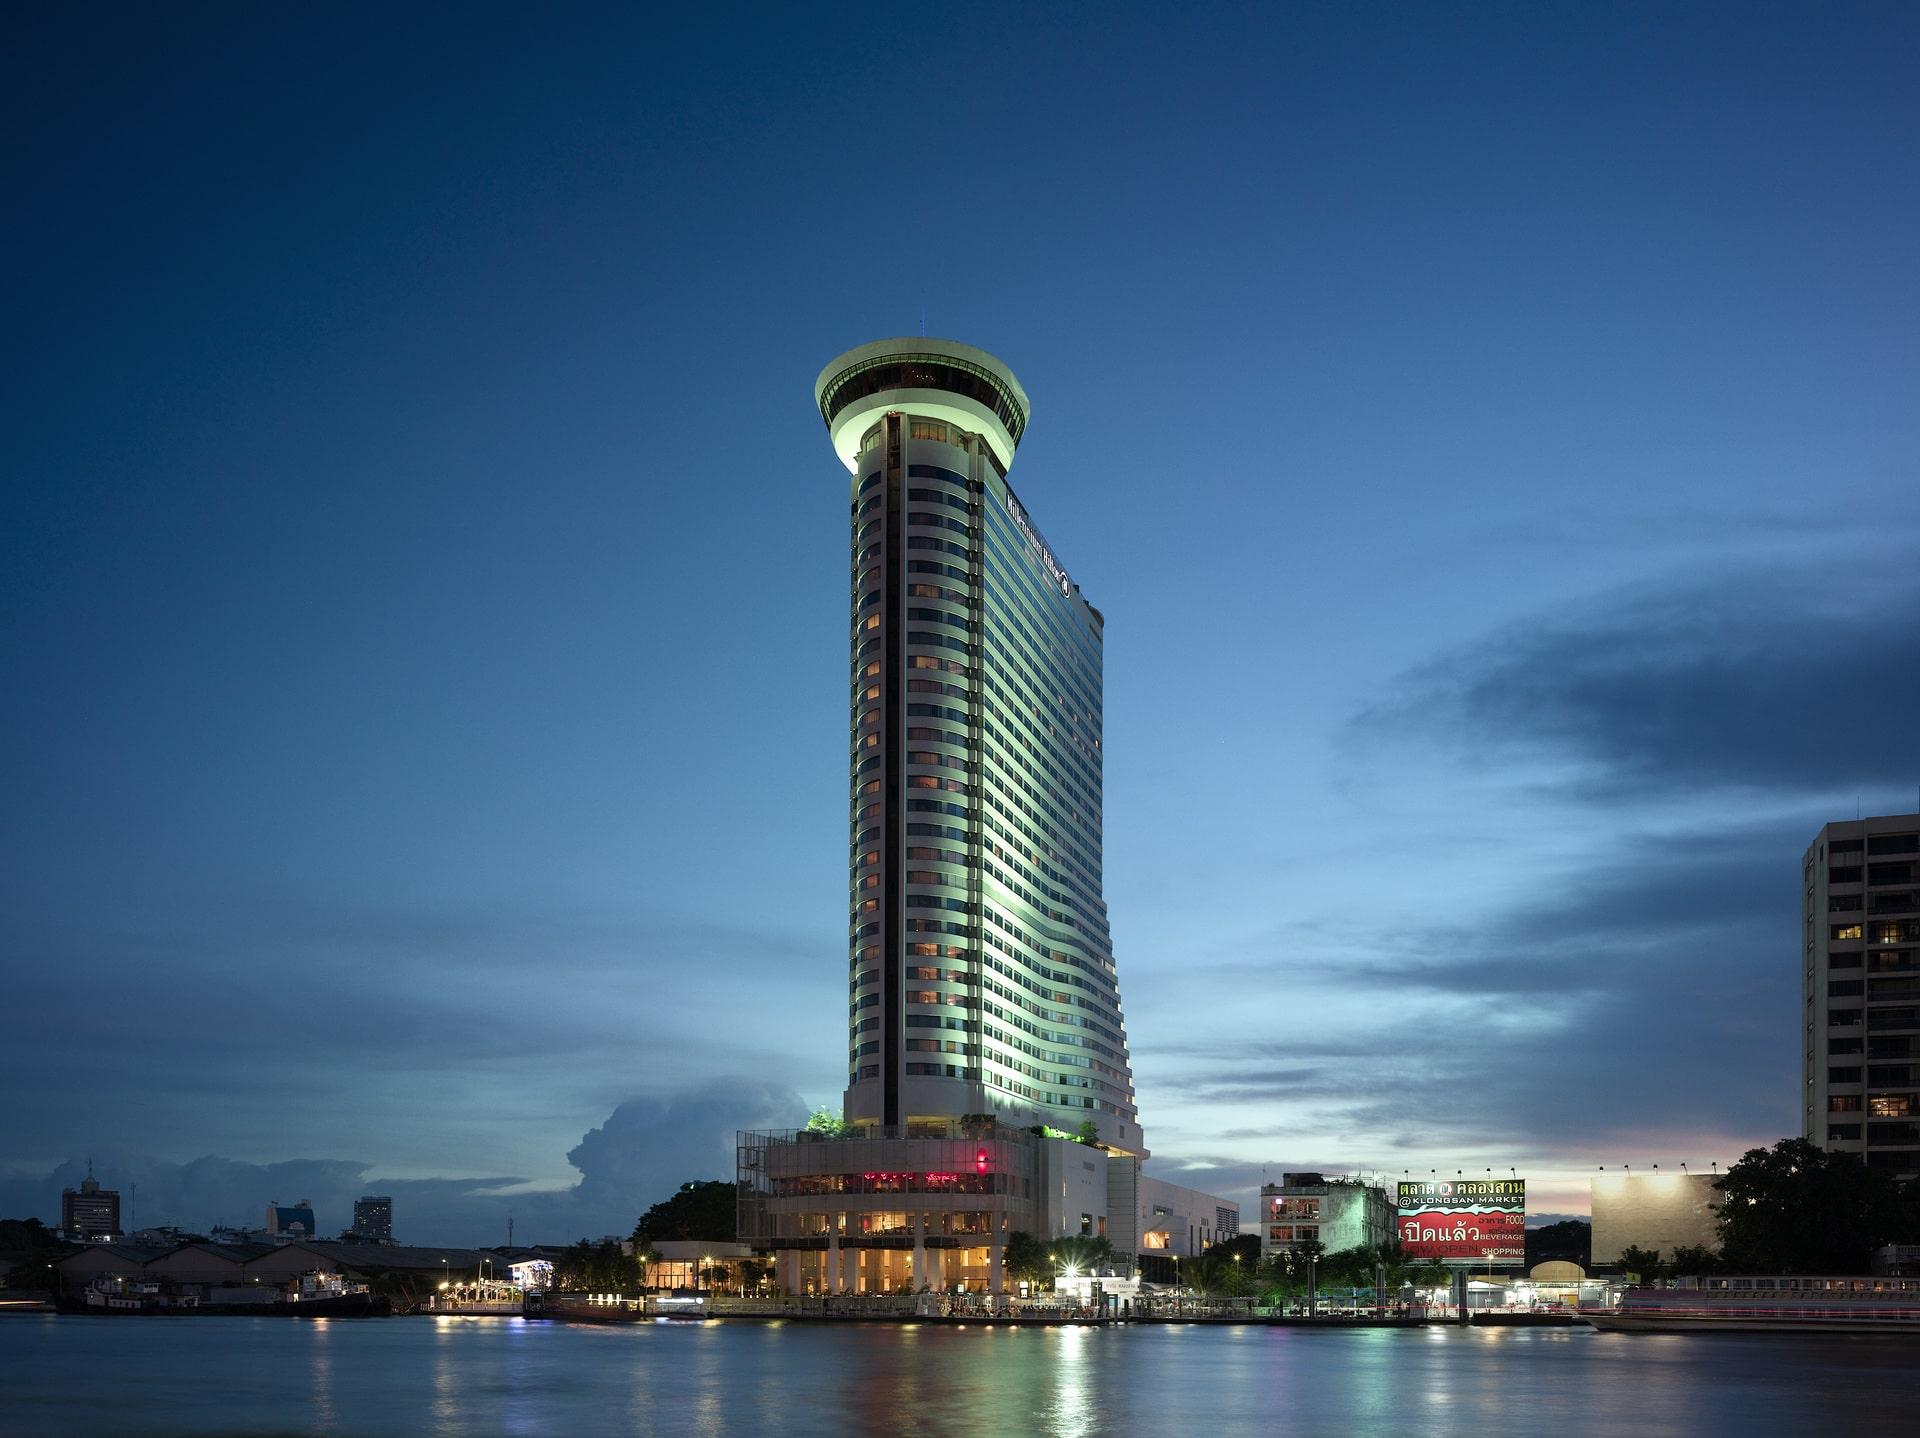 ミレニアム ヒルトン バンコク Millennium Hilton Bangkok